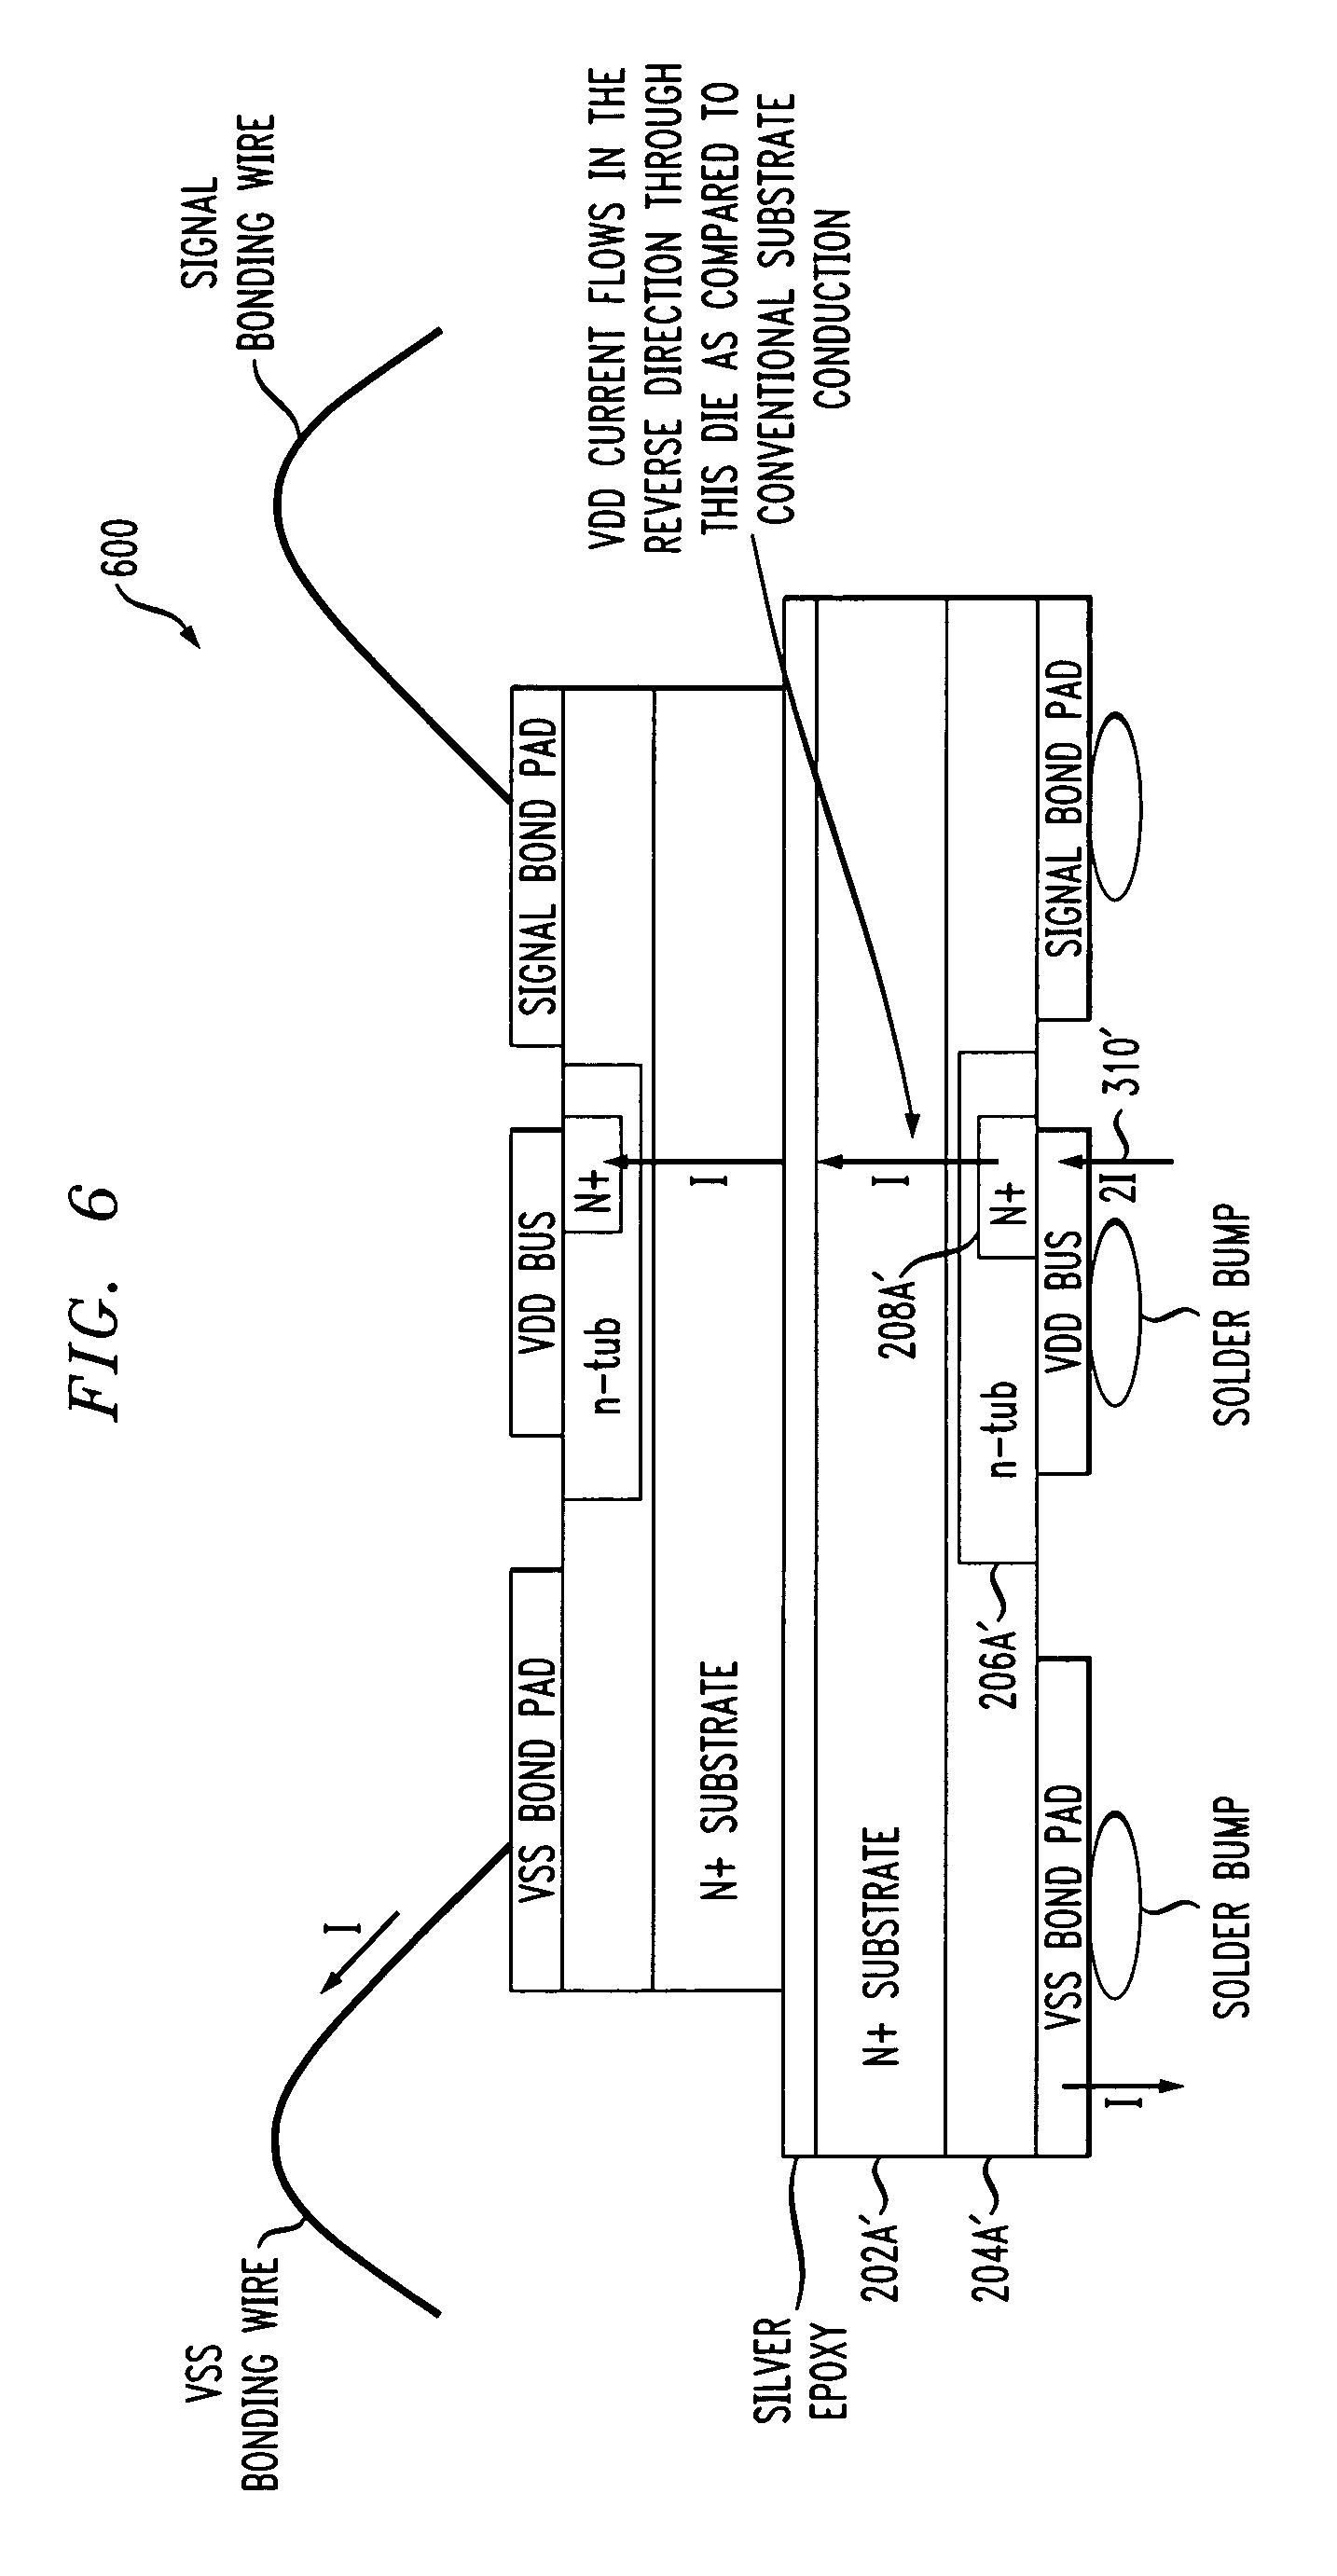 patent us7400047